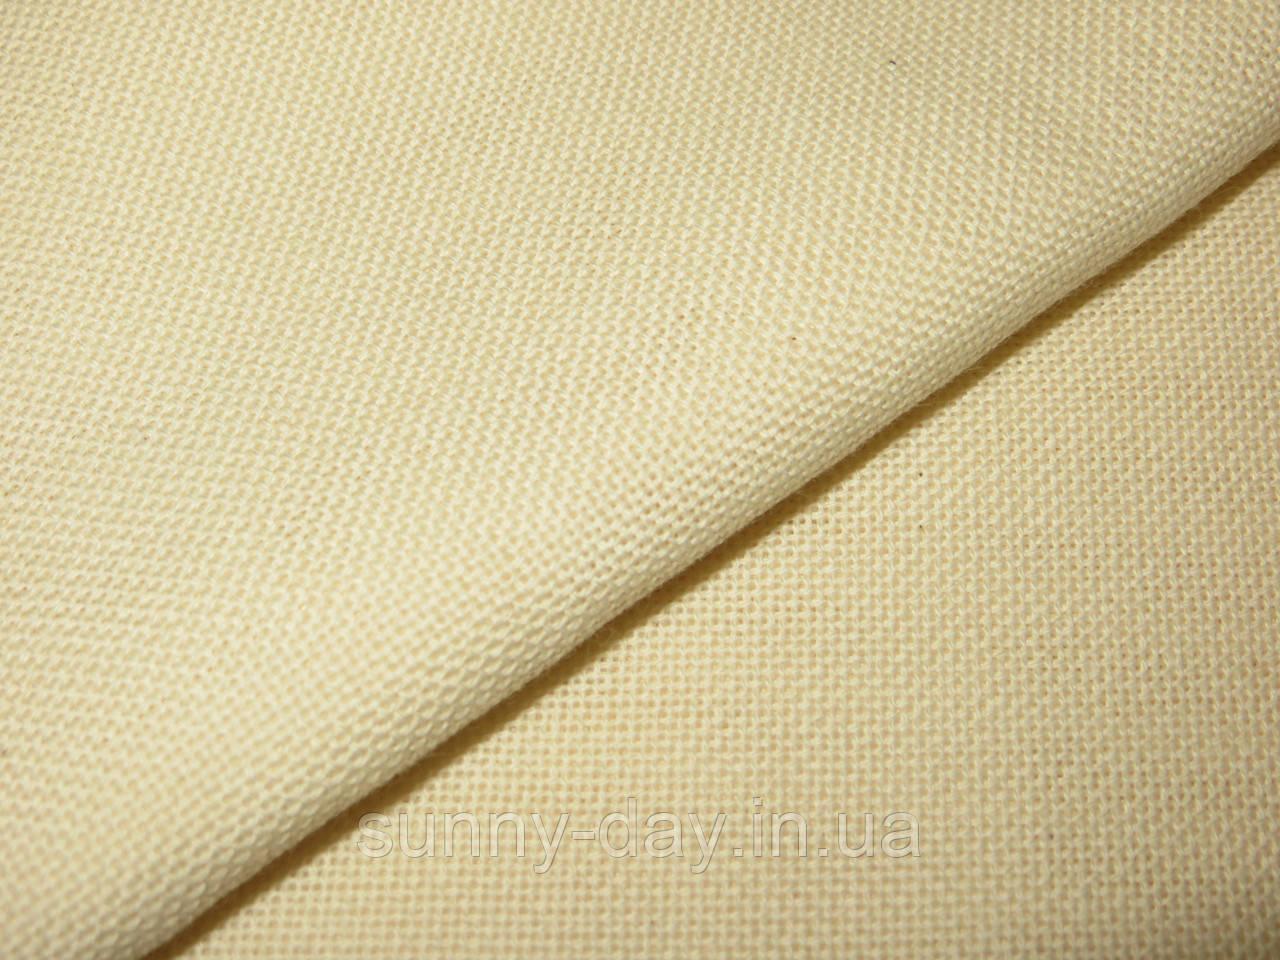 Домотканое полотно, экрю, 50*70см